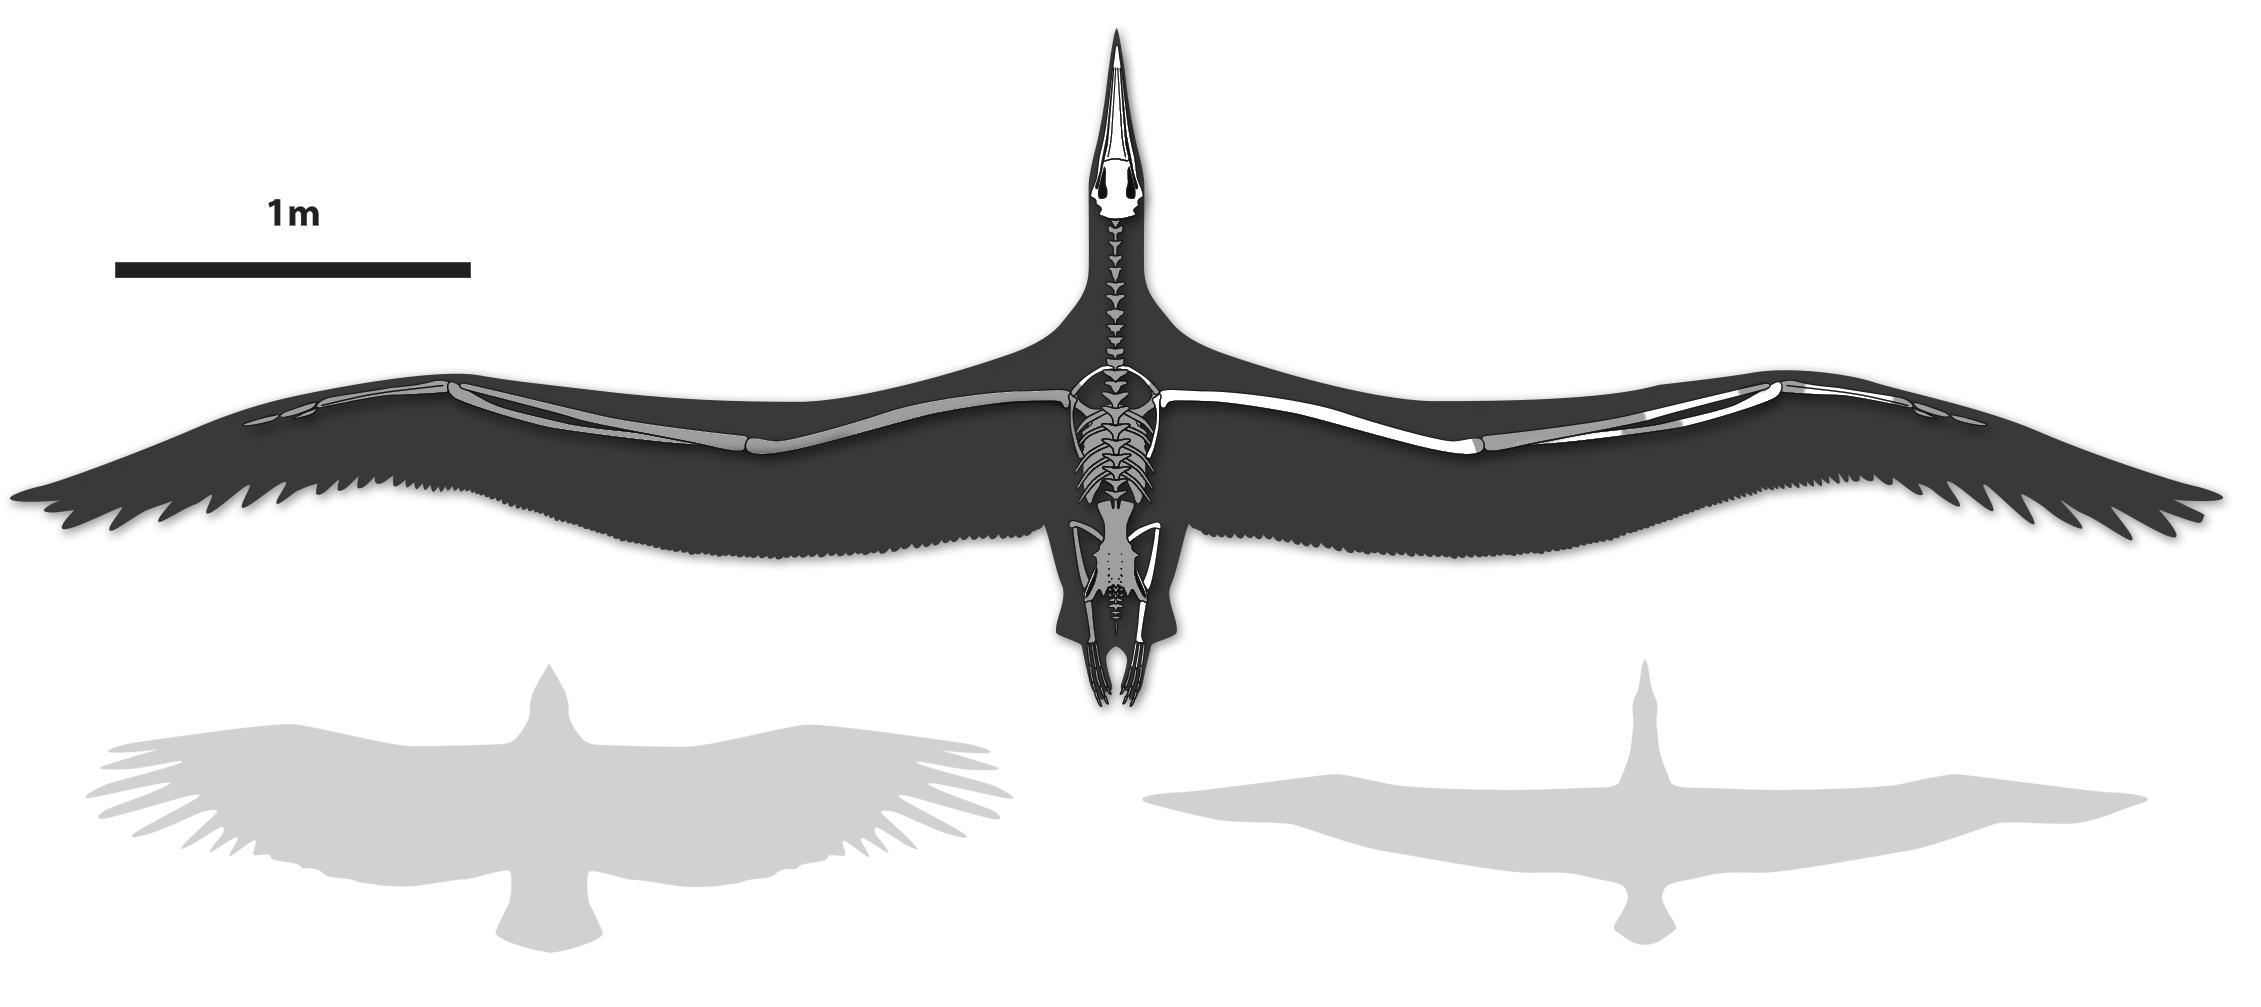 Pelagornis compared to a modern California Condor and Royal Albatross